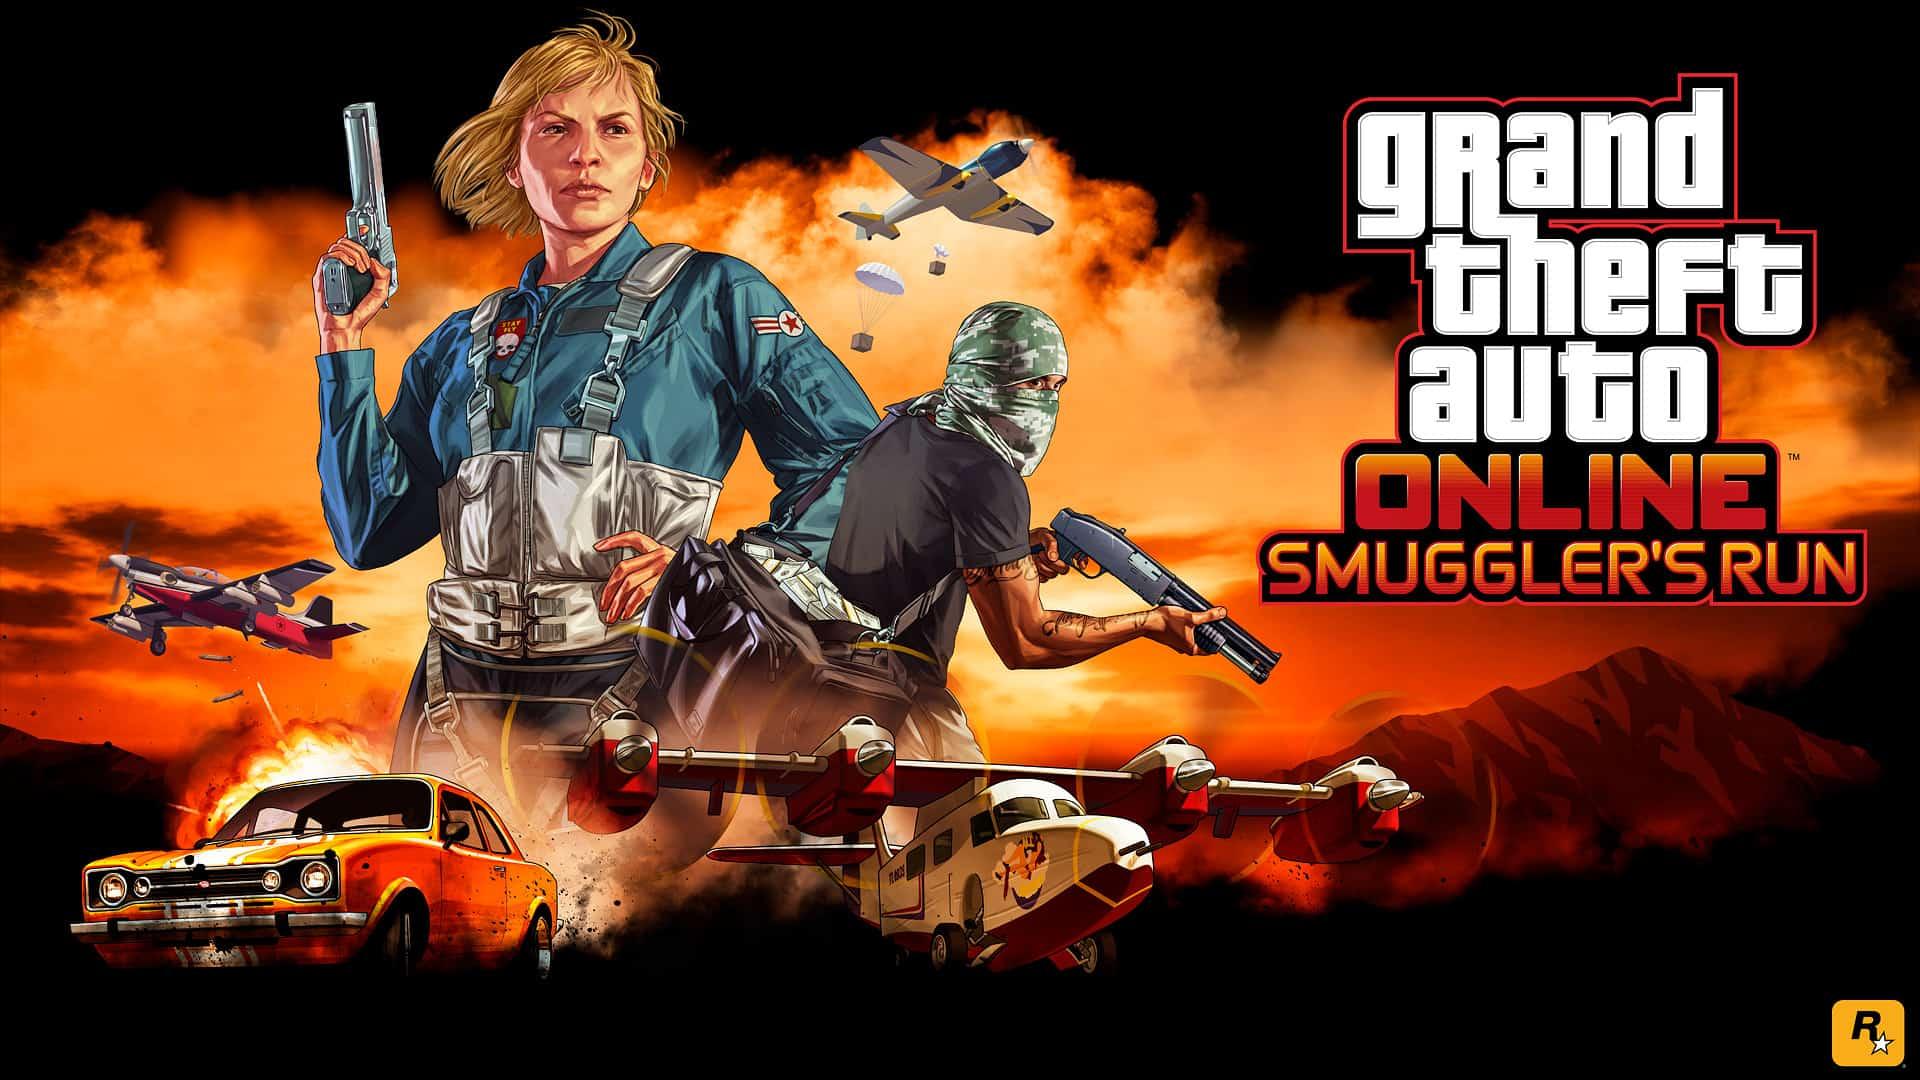 GTA Online: Smuggler's Run Guide - GTA BOOM